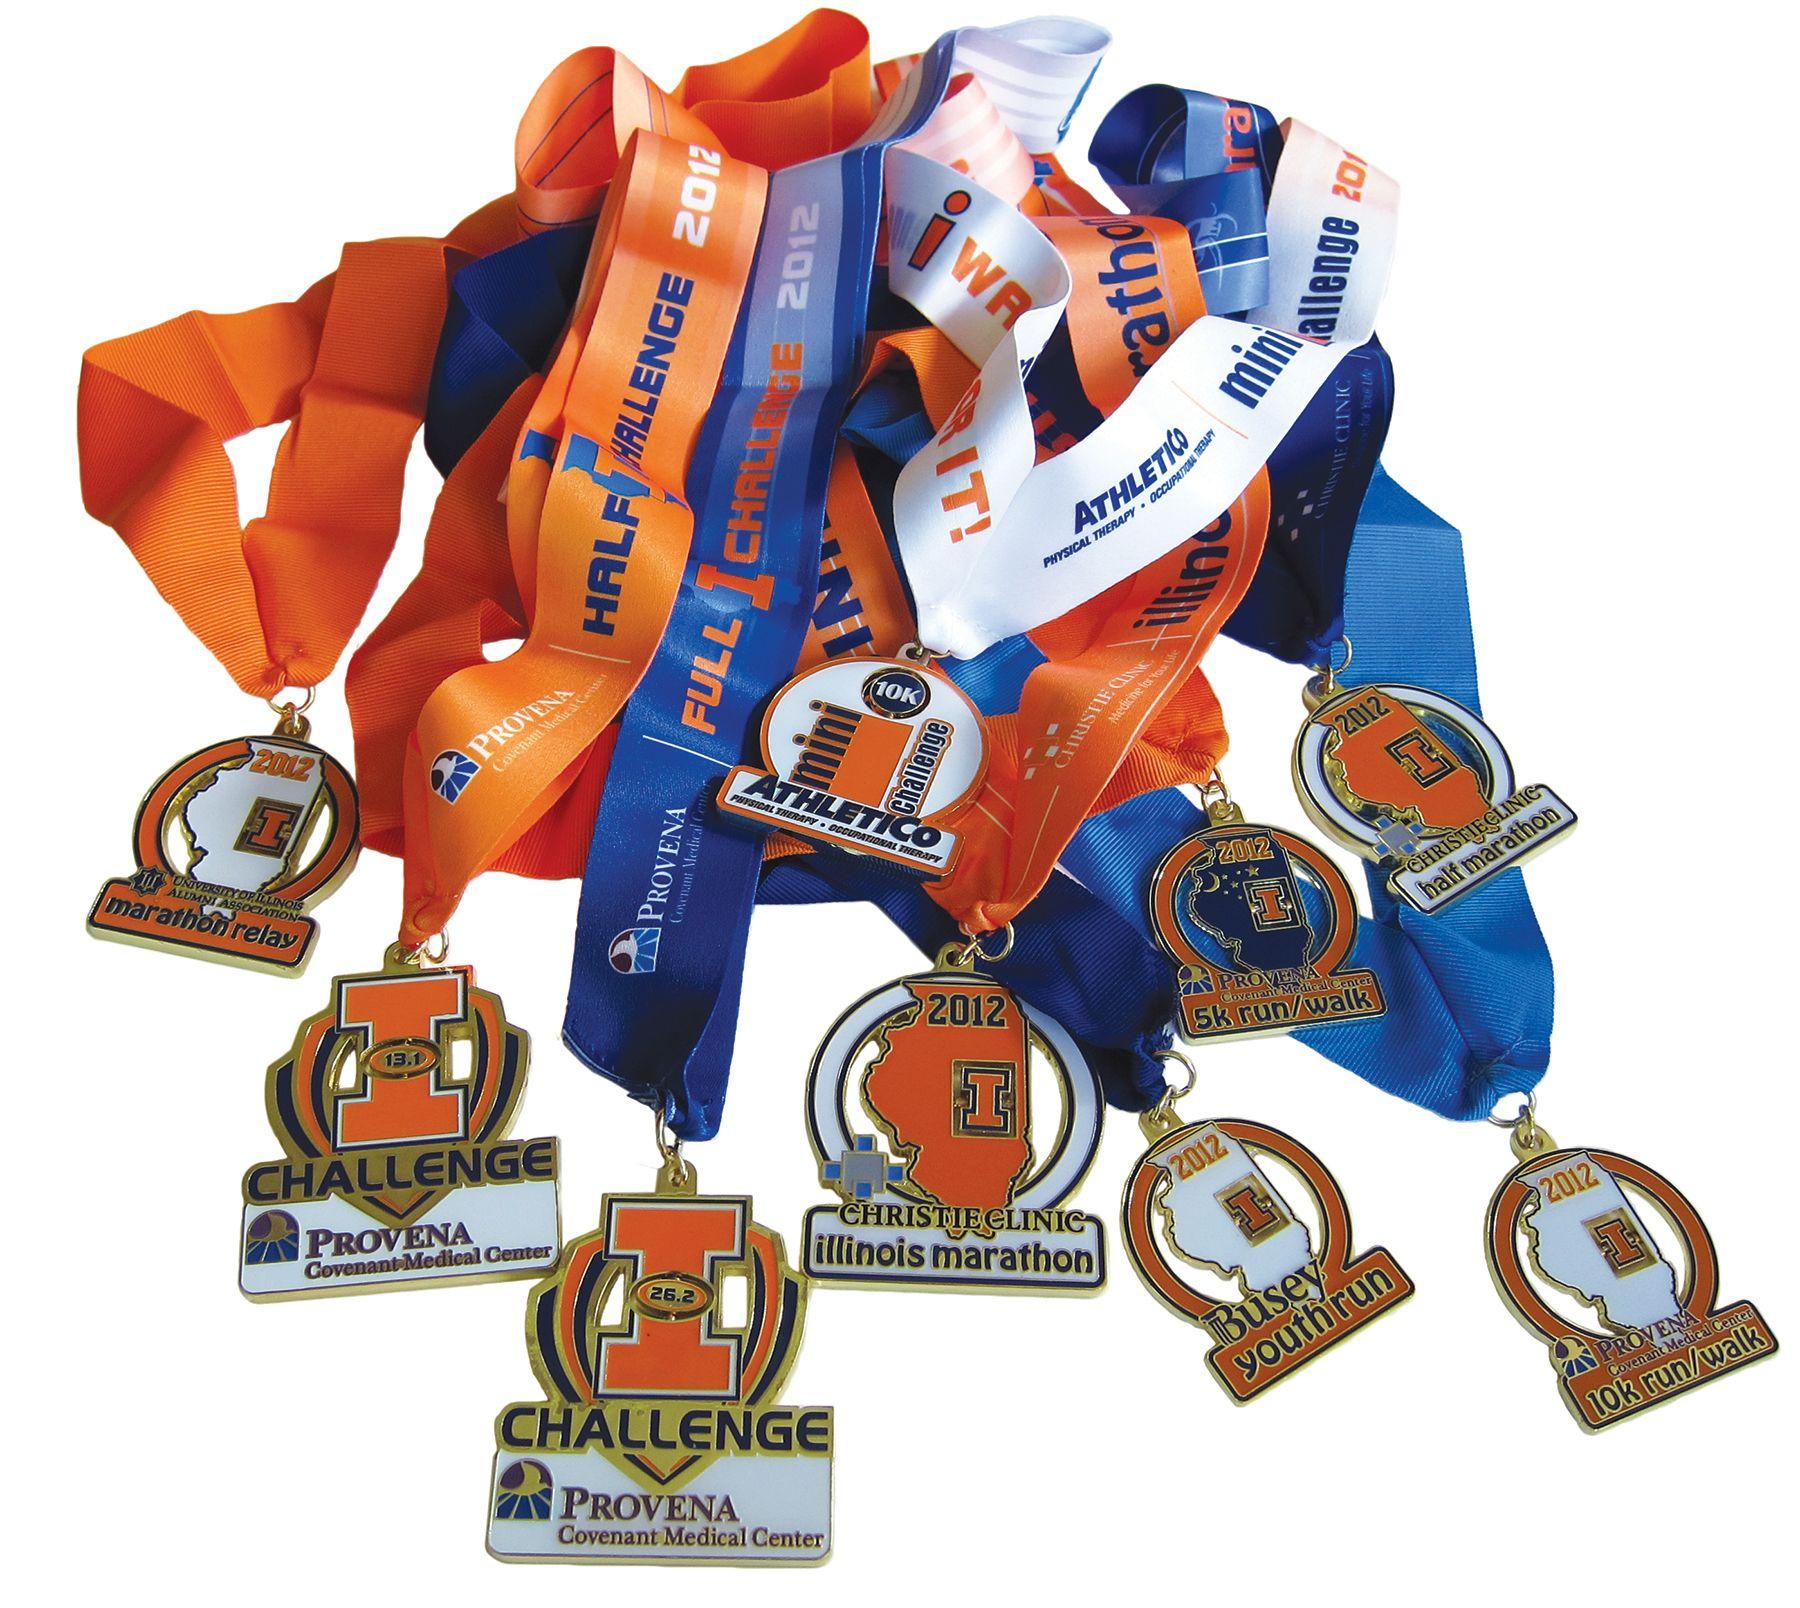 2022 Marathon Calendar.Three Of These Medals Will Be Mine In 1 Week Christie Clinic Illinois Marathon Chicago Half Marathon Marathon Calendar Usa